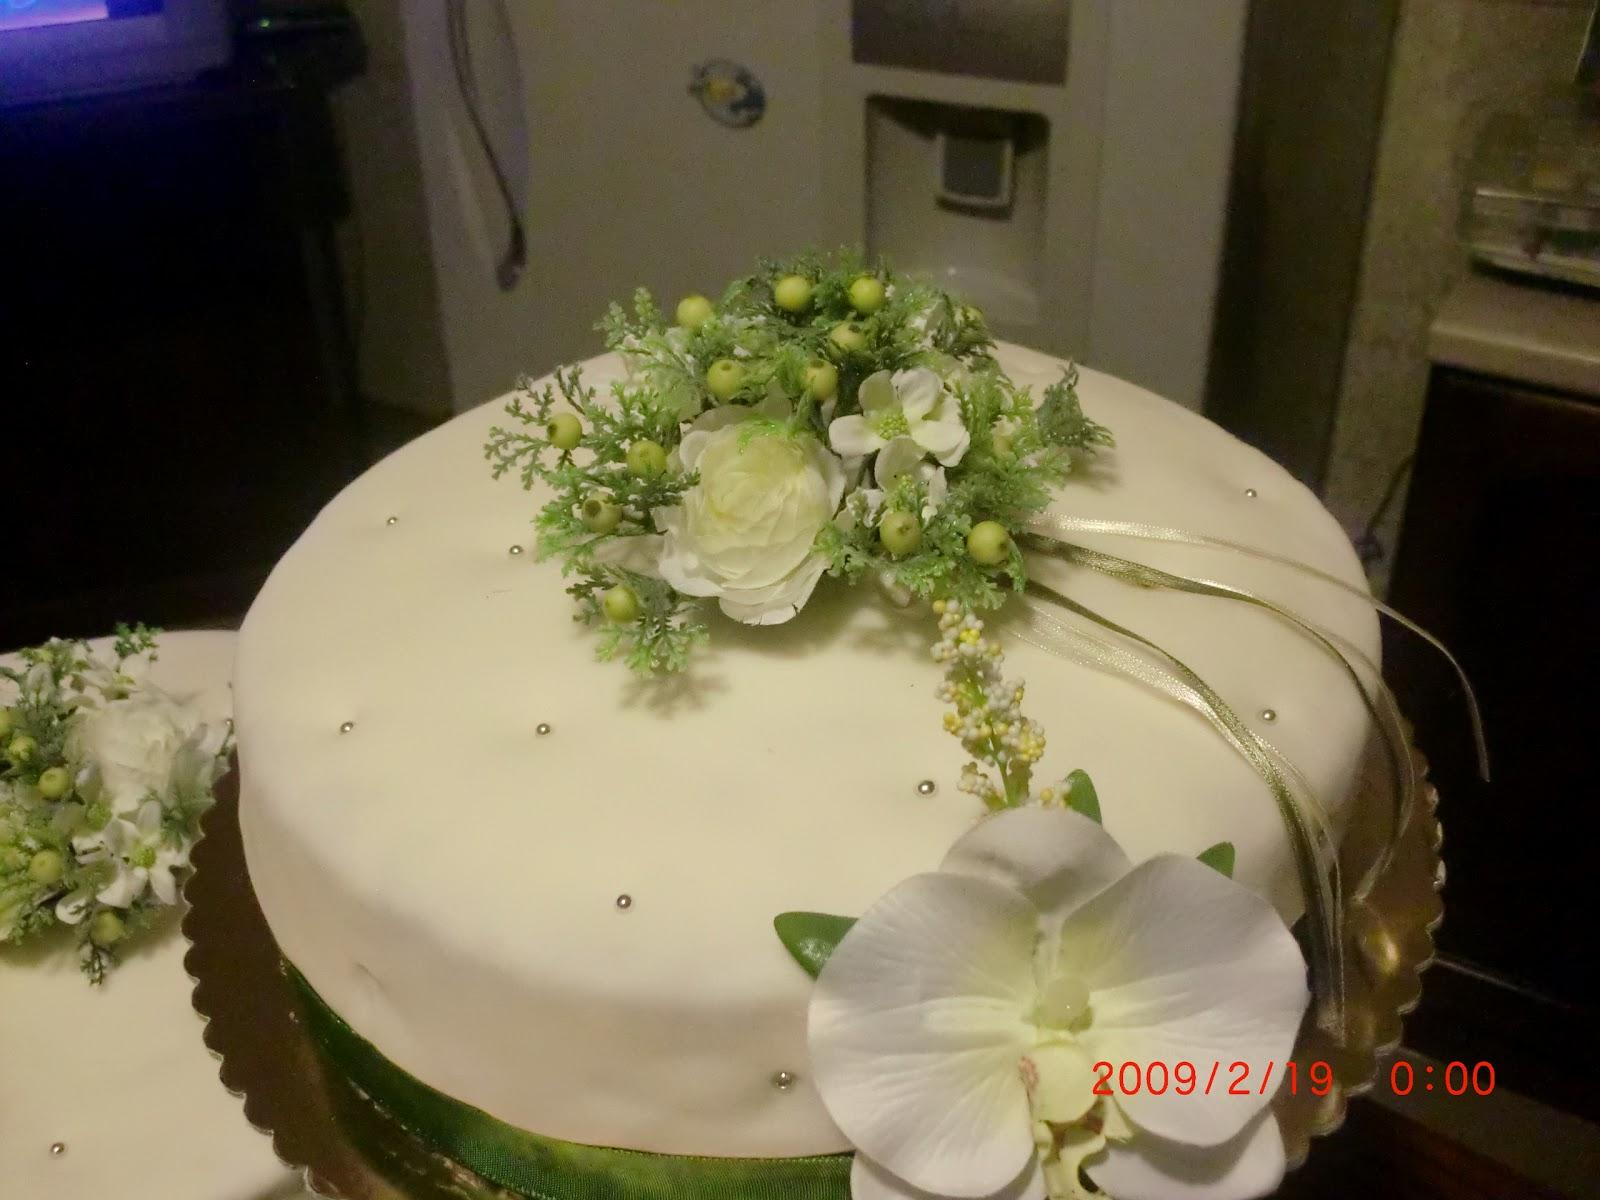 Preferenza Promessa di matrimonio: festa. - Prima delle nozze - Forum  LD82